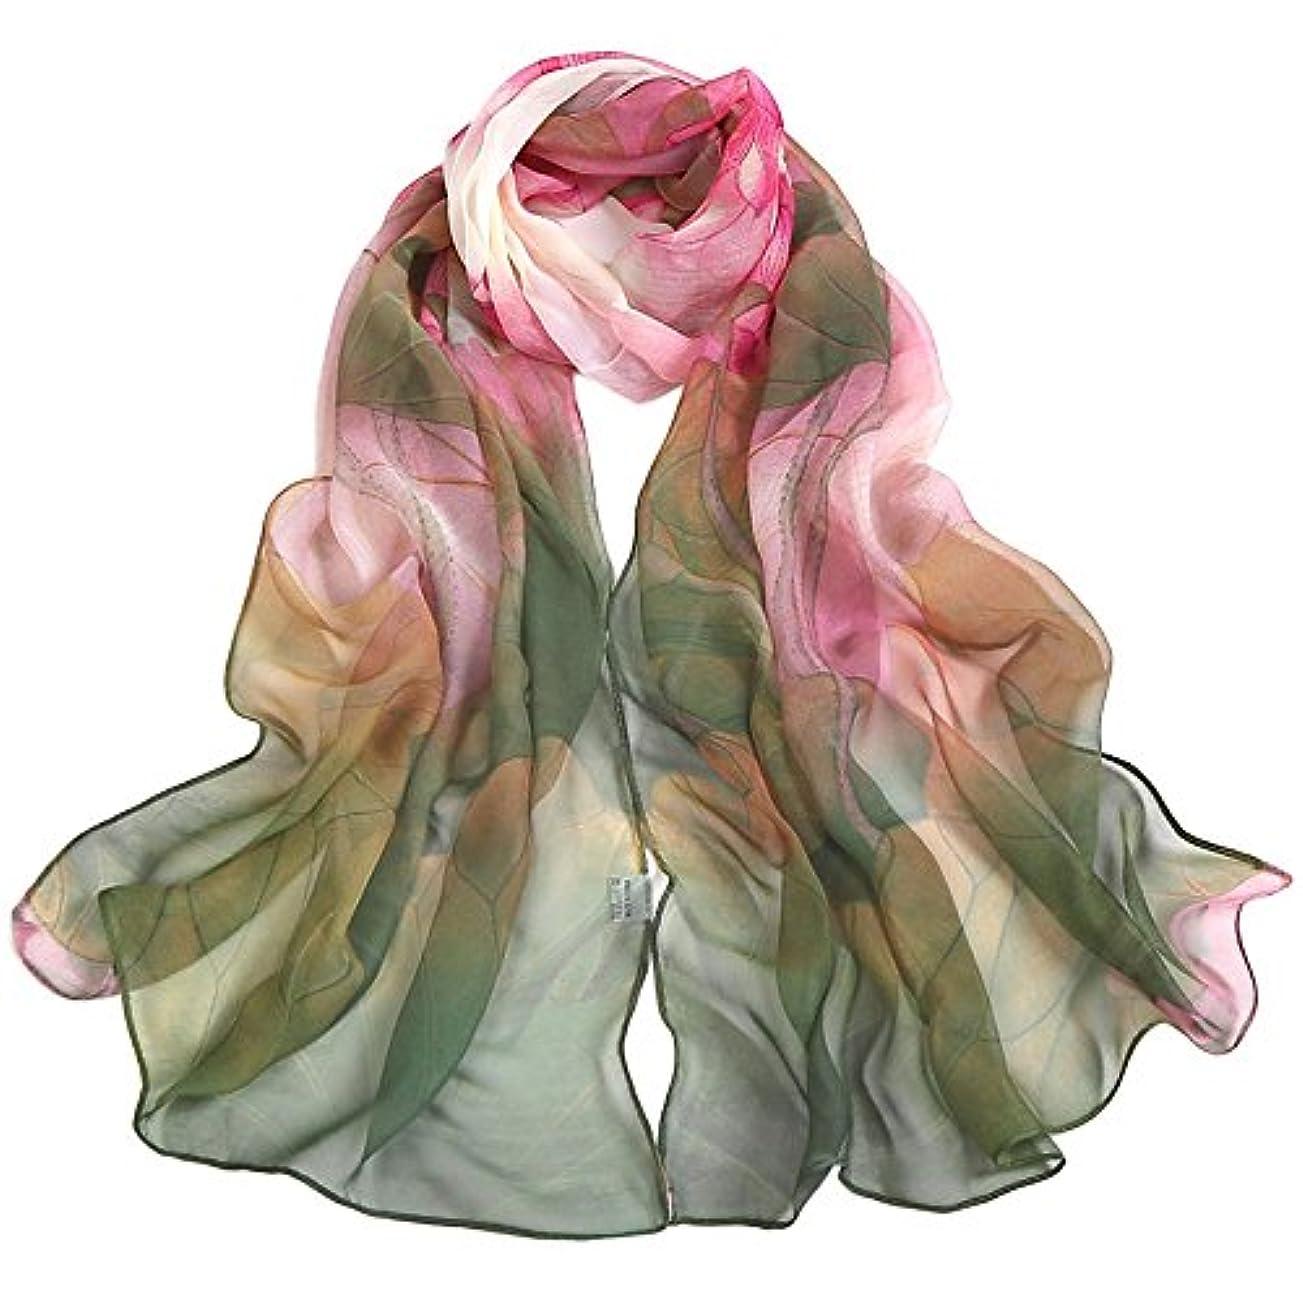 非常に怒っていますサージ飢えたレディース ファッション 花柄 日焼け止め スカーフ ビーチスカーフ サイクリングスカーフ 美しい蓮の印刷 タオル グリーン